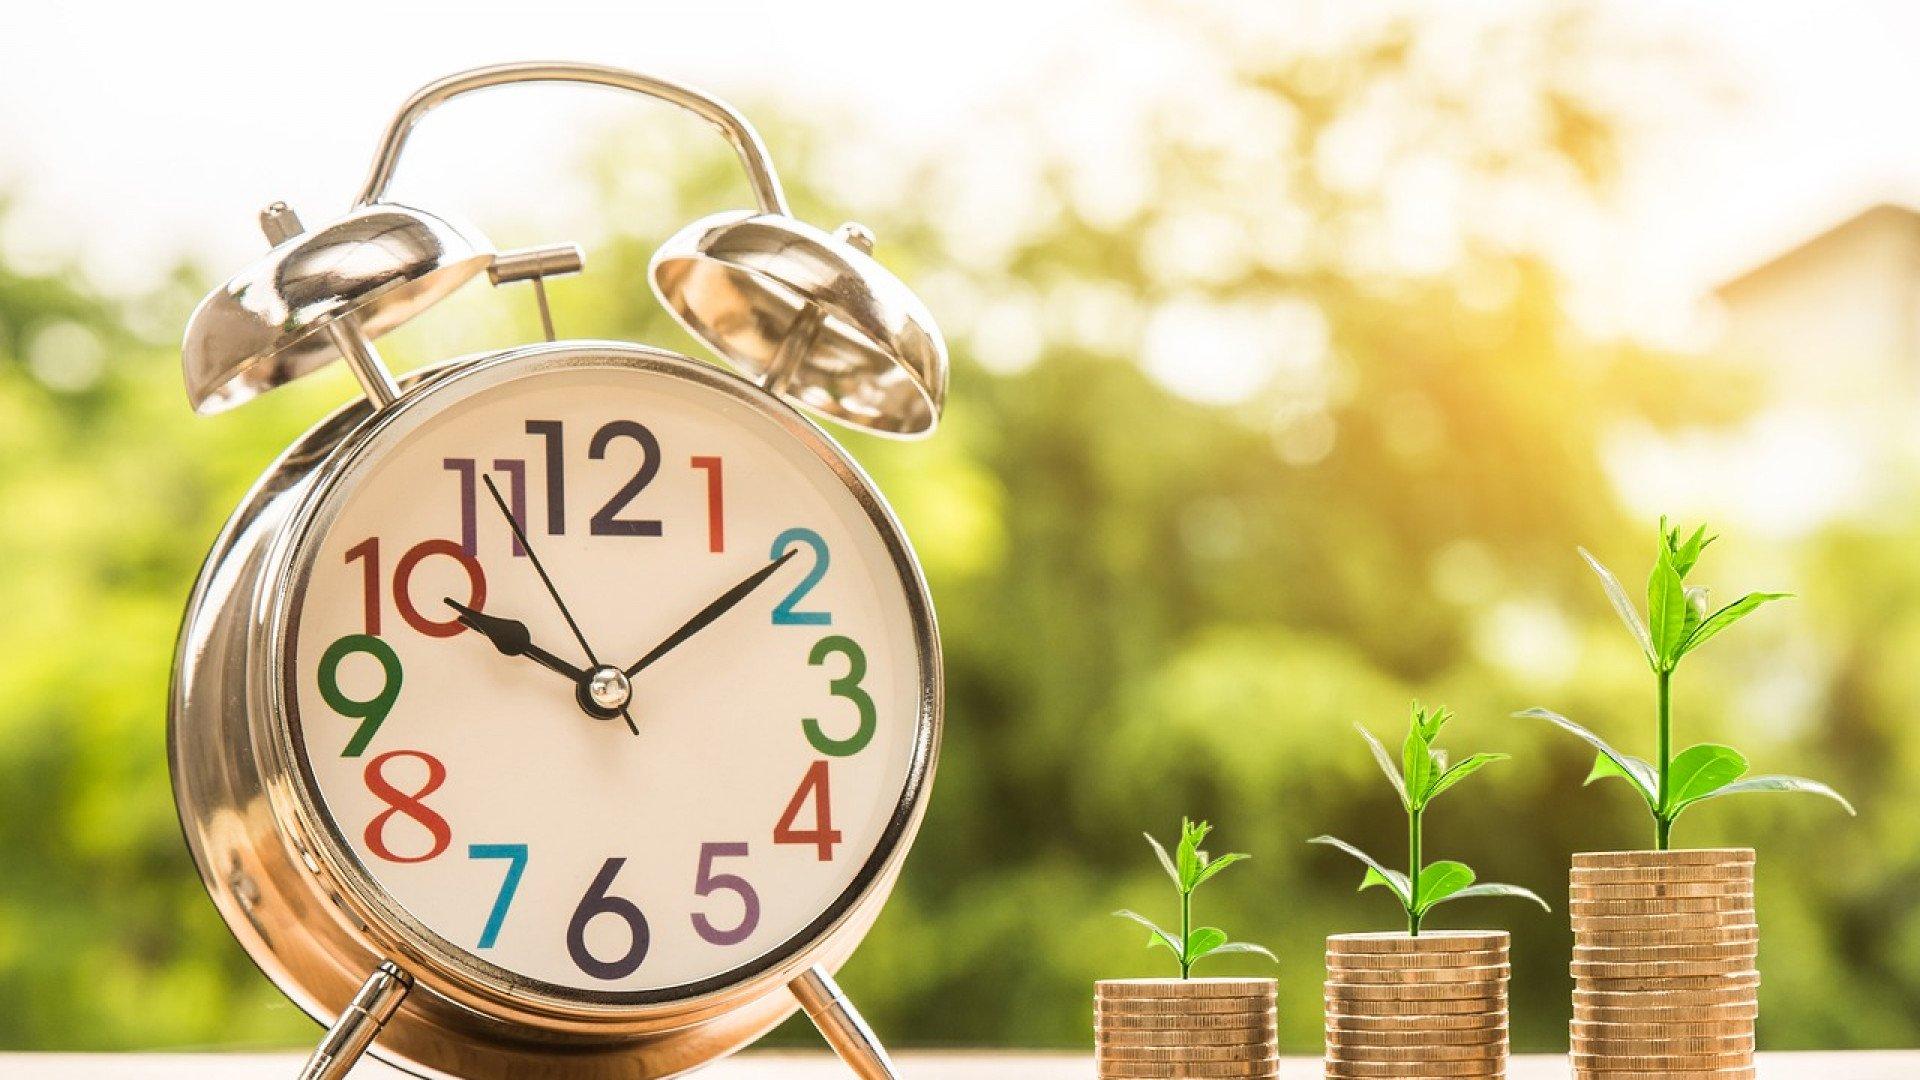 Prêt personnel : avez-vous déjà pensé au prêt entre particuliers ? 27